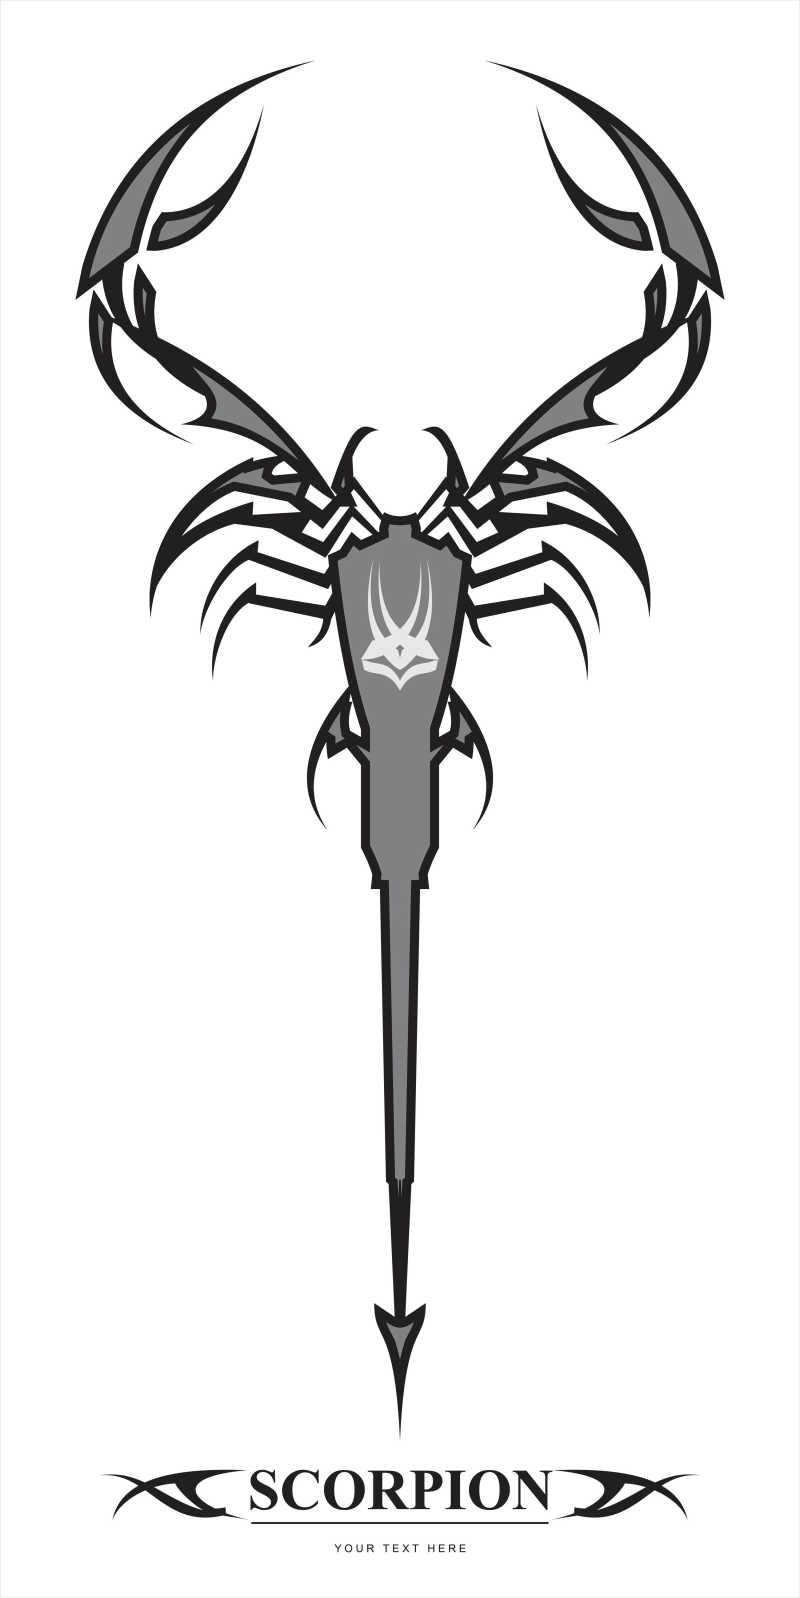 矢量的蝎子形状插画